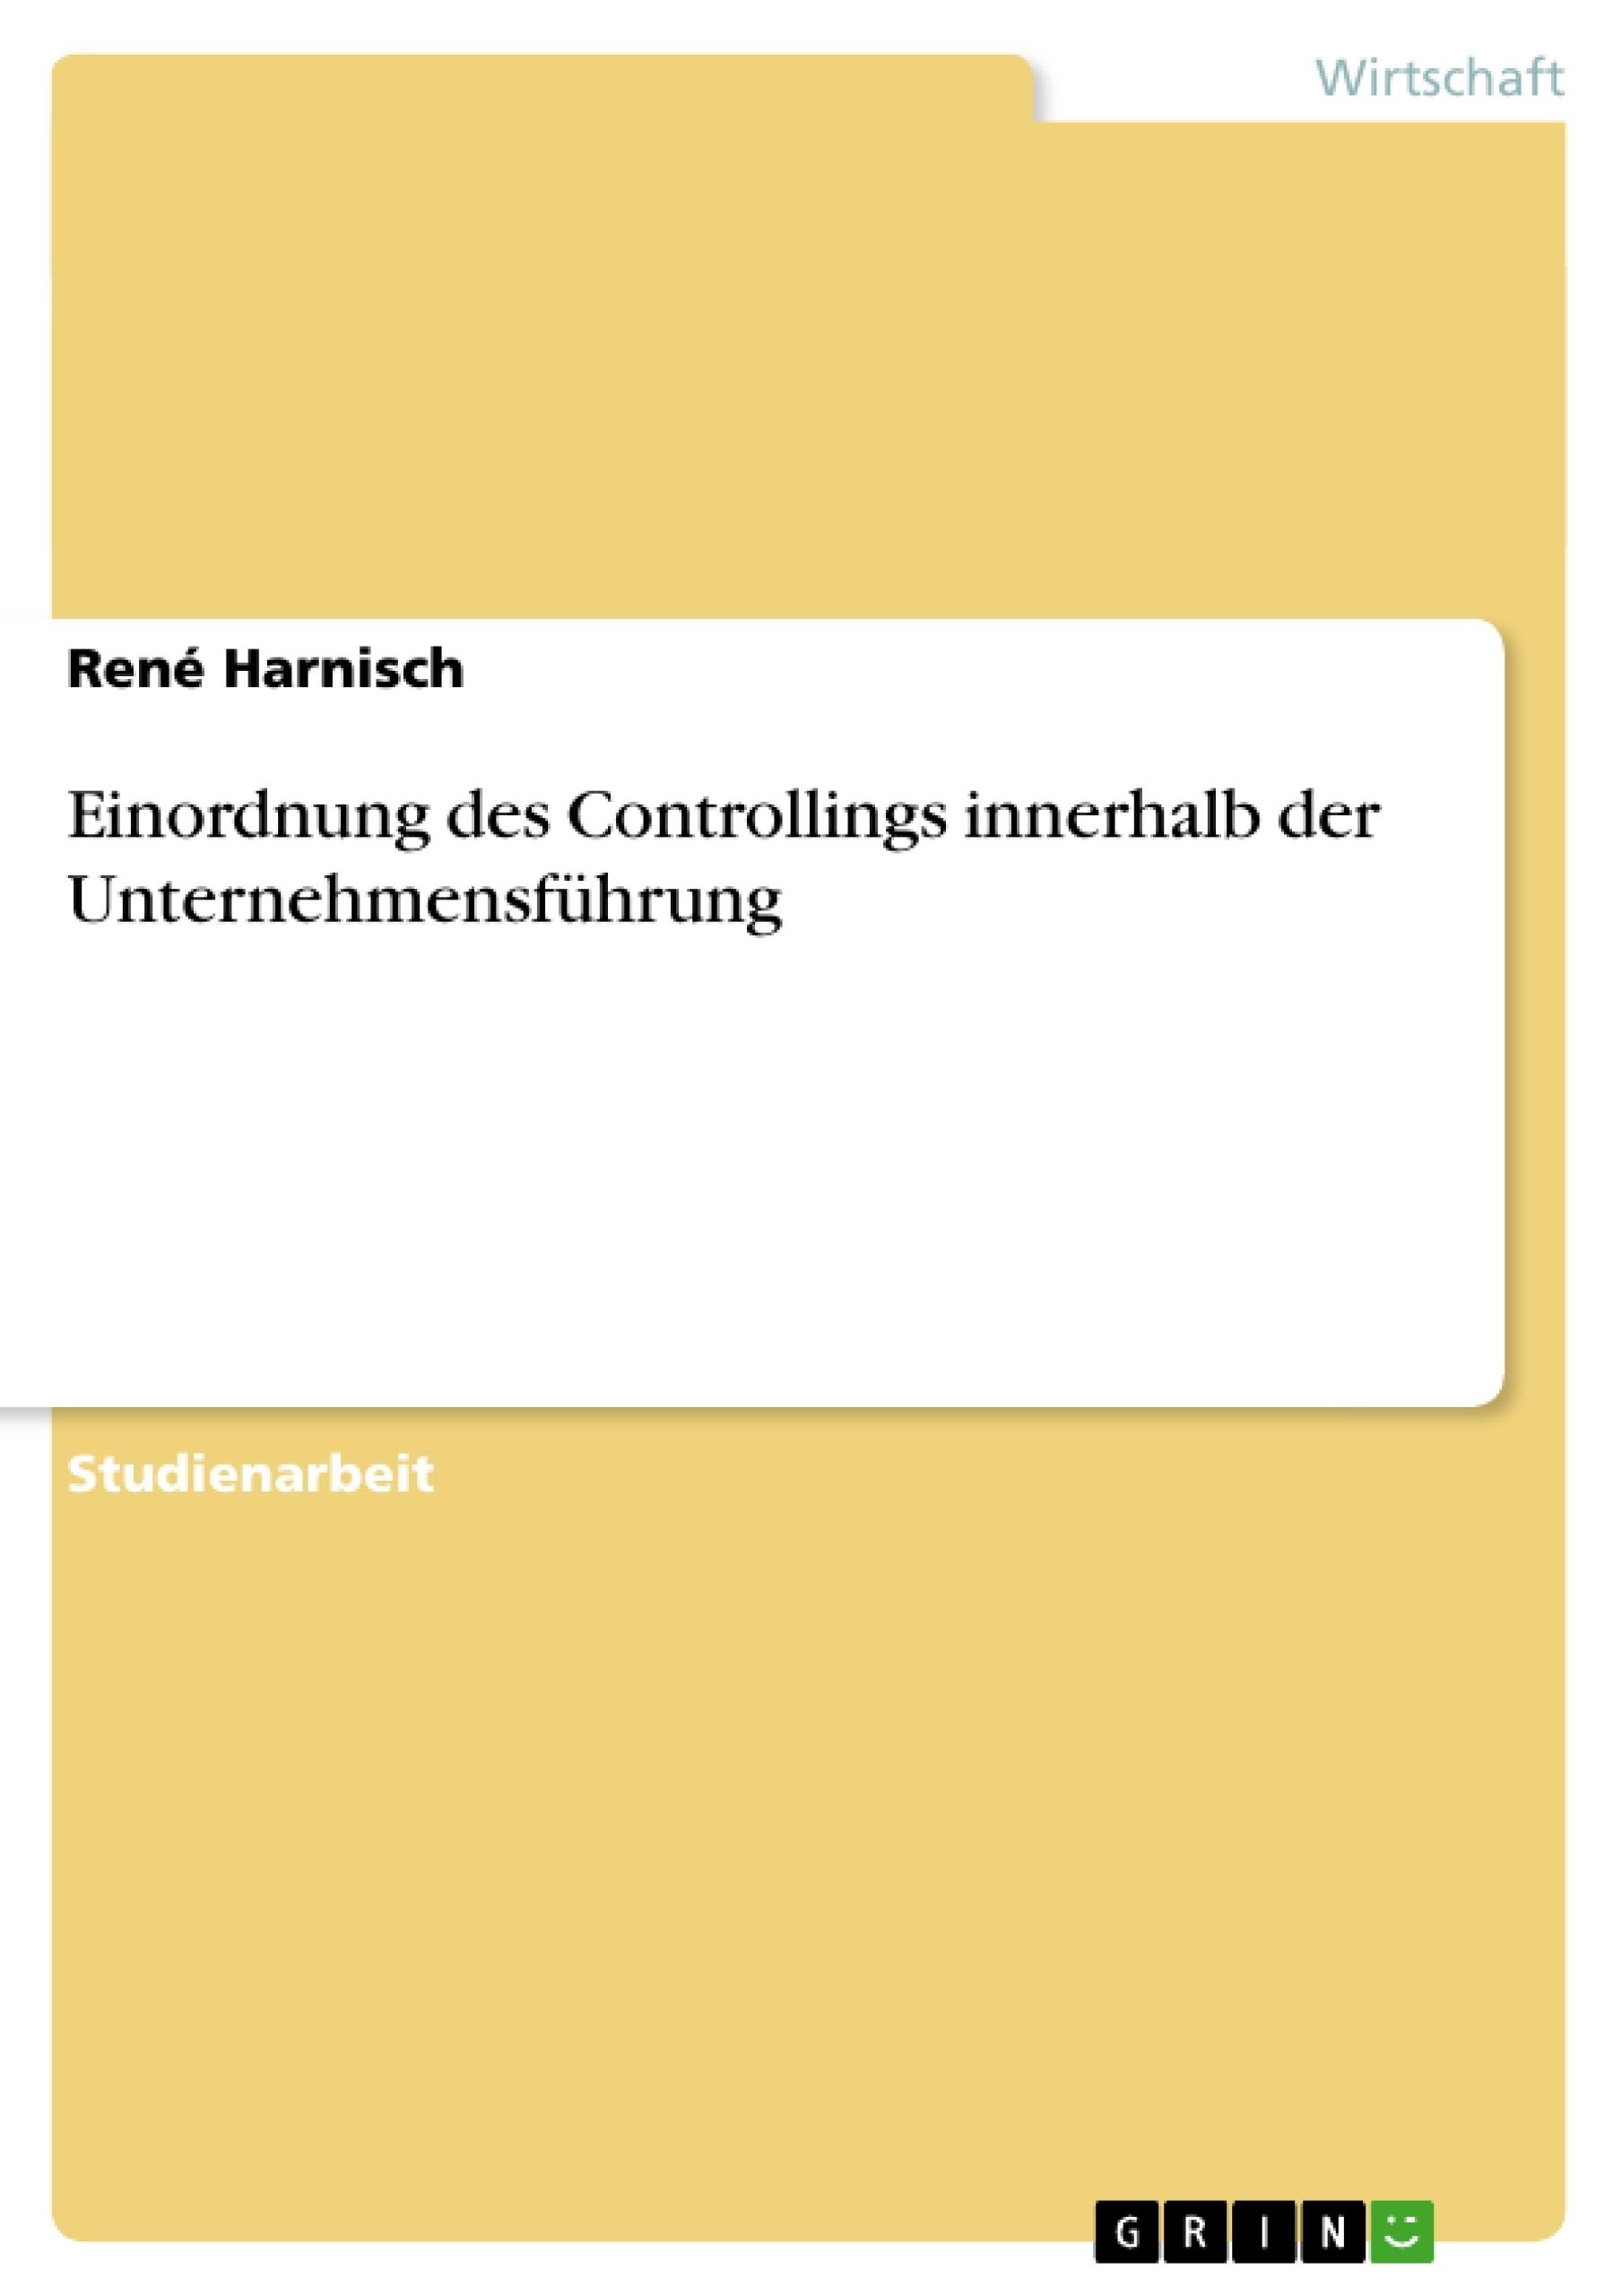 Titel: Einordnung des Controllings innerhalb der Unternehmensführung